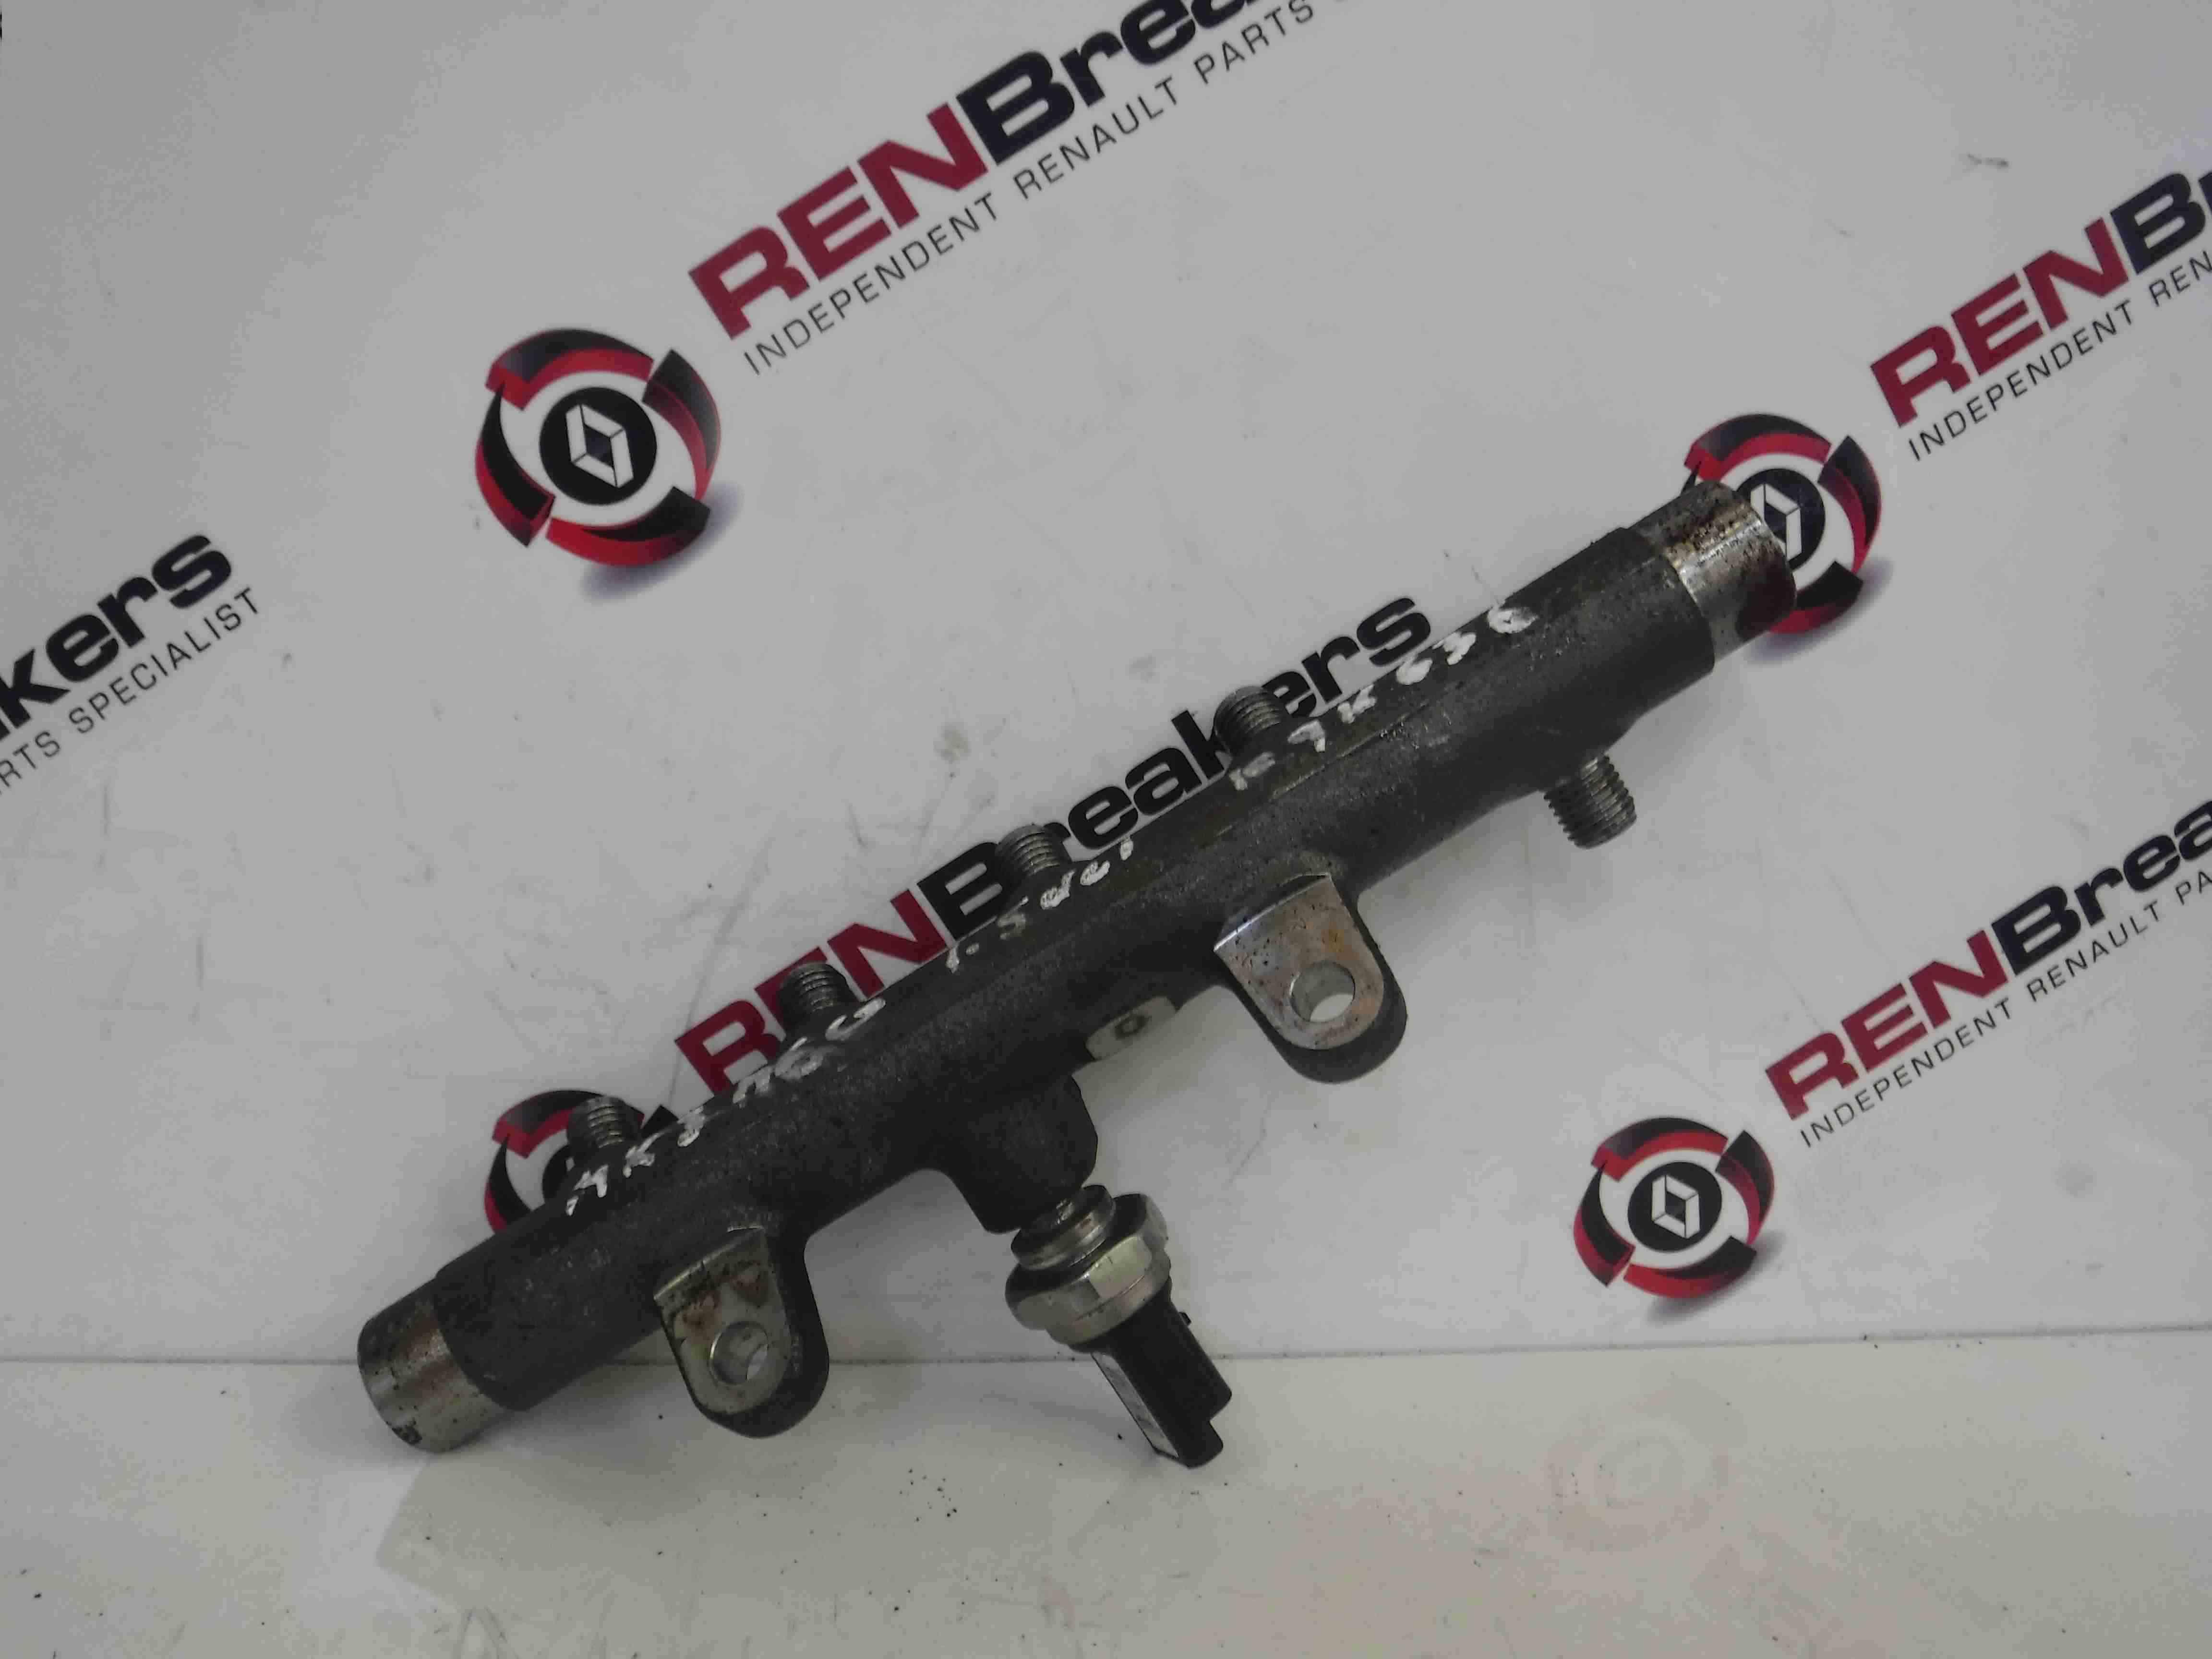 Renault Laguna MK3 2010-2012 1.5 dCi Fuel Injector Rail Pressure Sensor